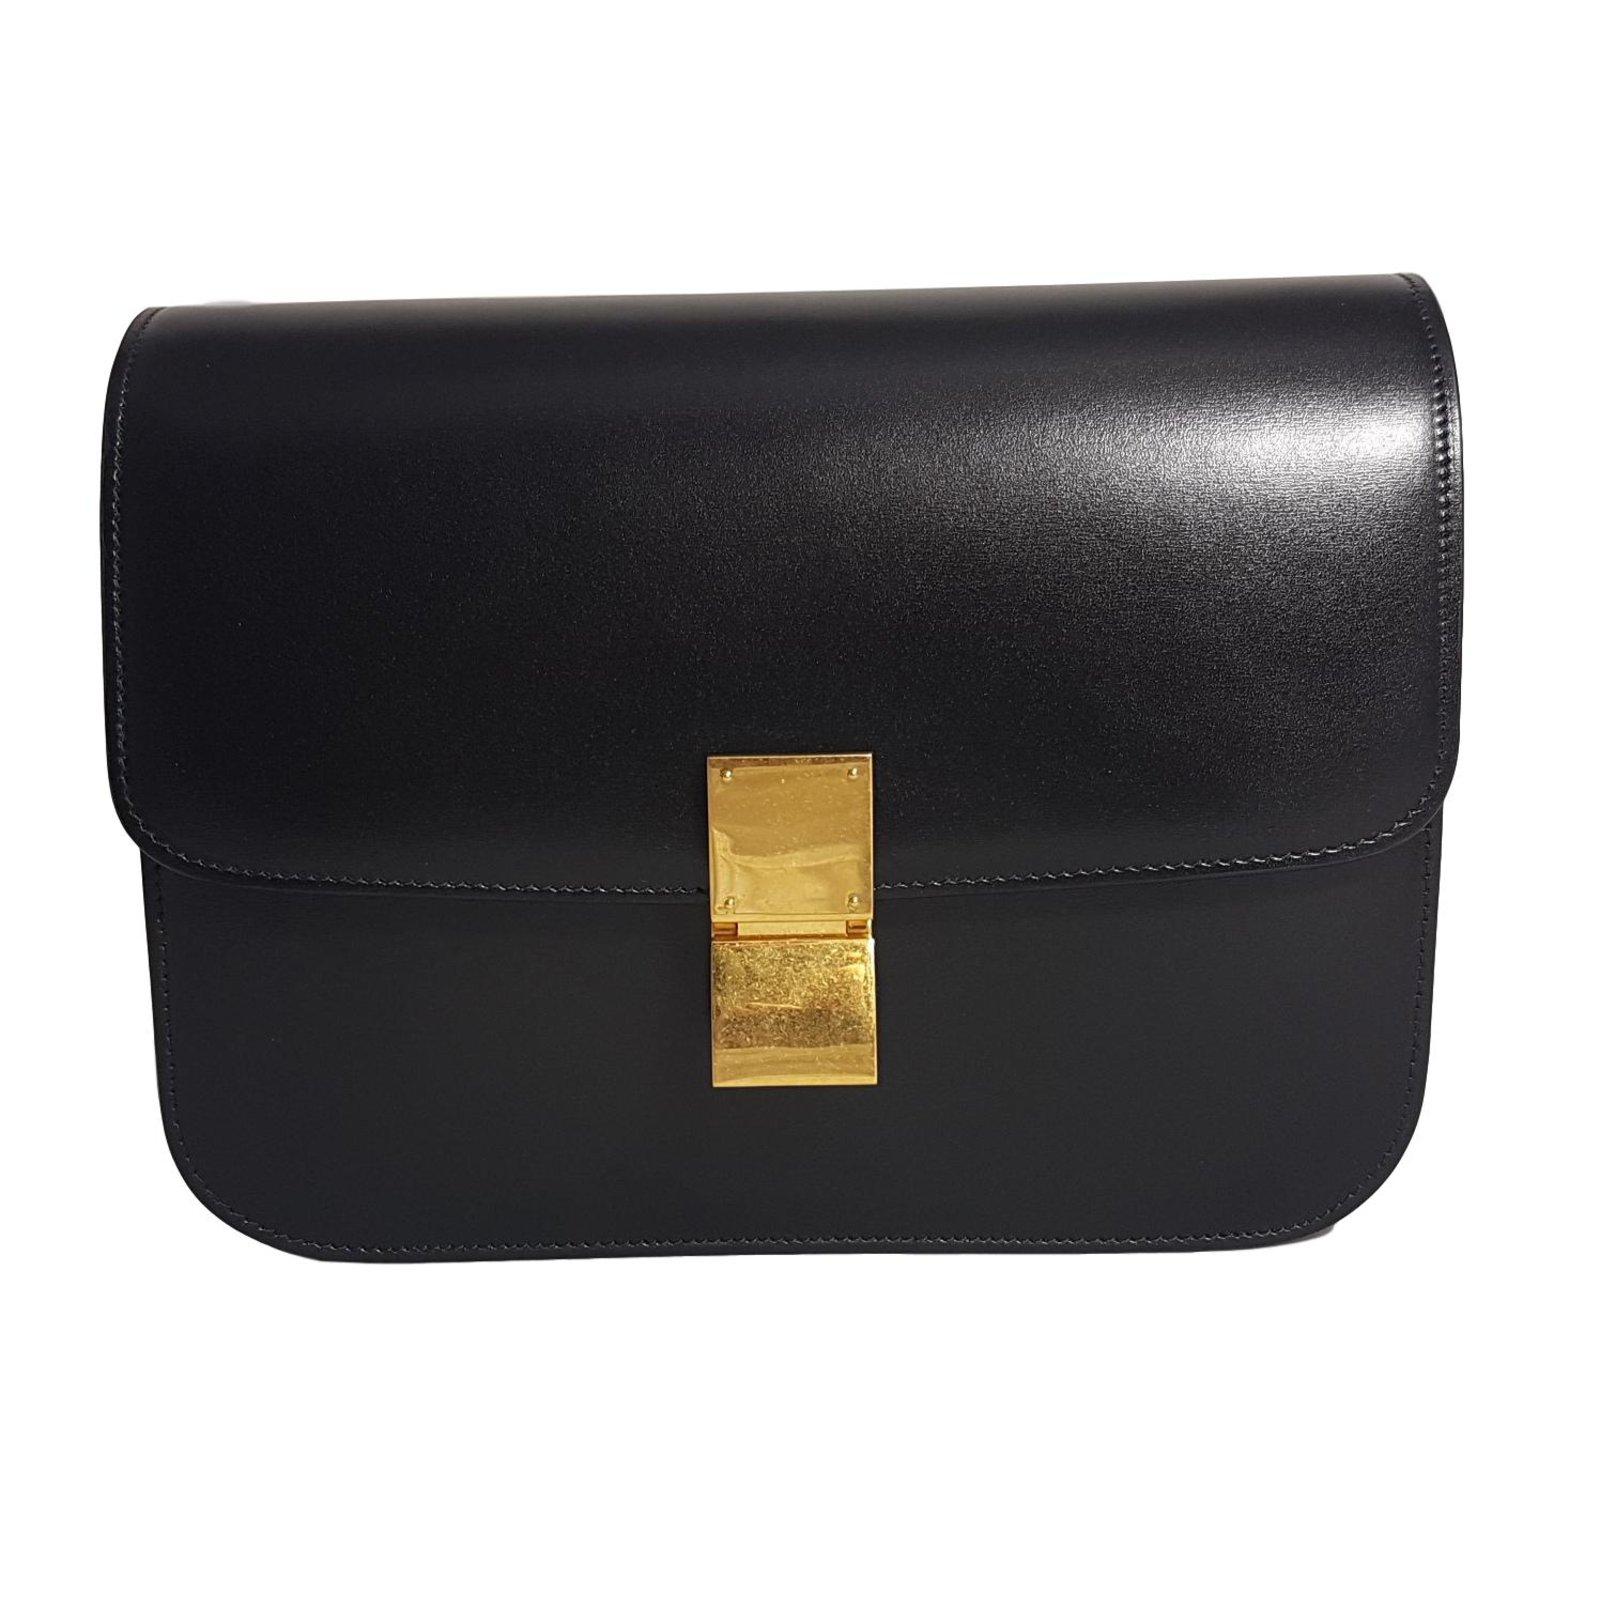 48d354647e7ff8 Céline Céline Classic Box Black Handbags Leather Black ref.47993 ...